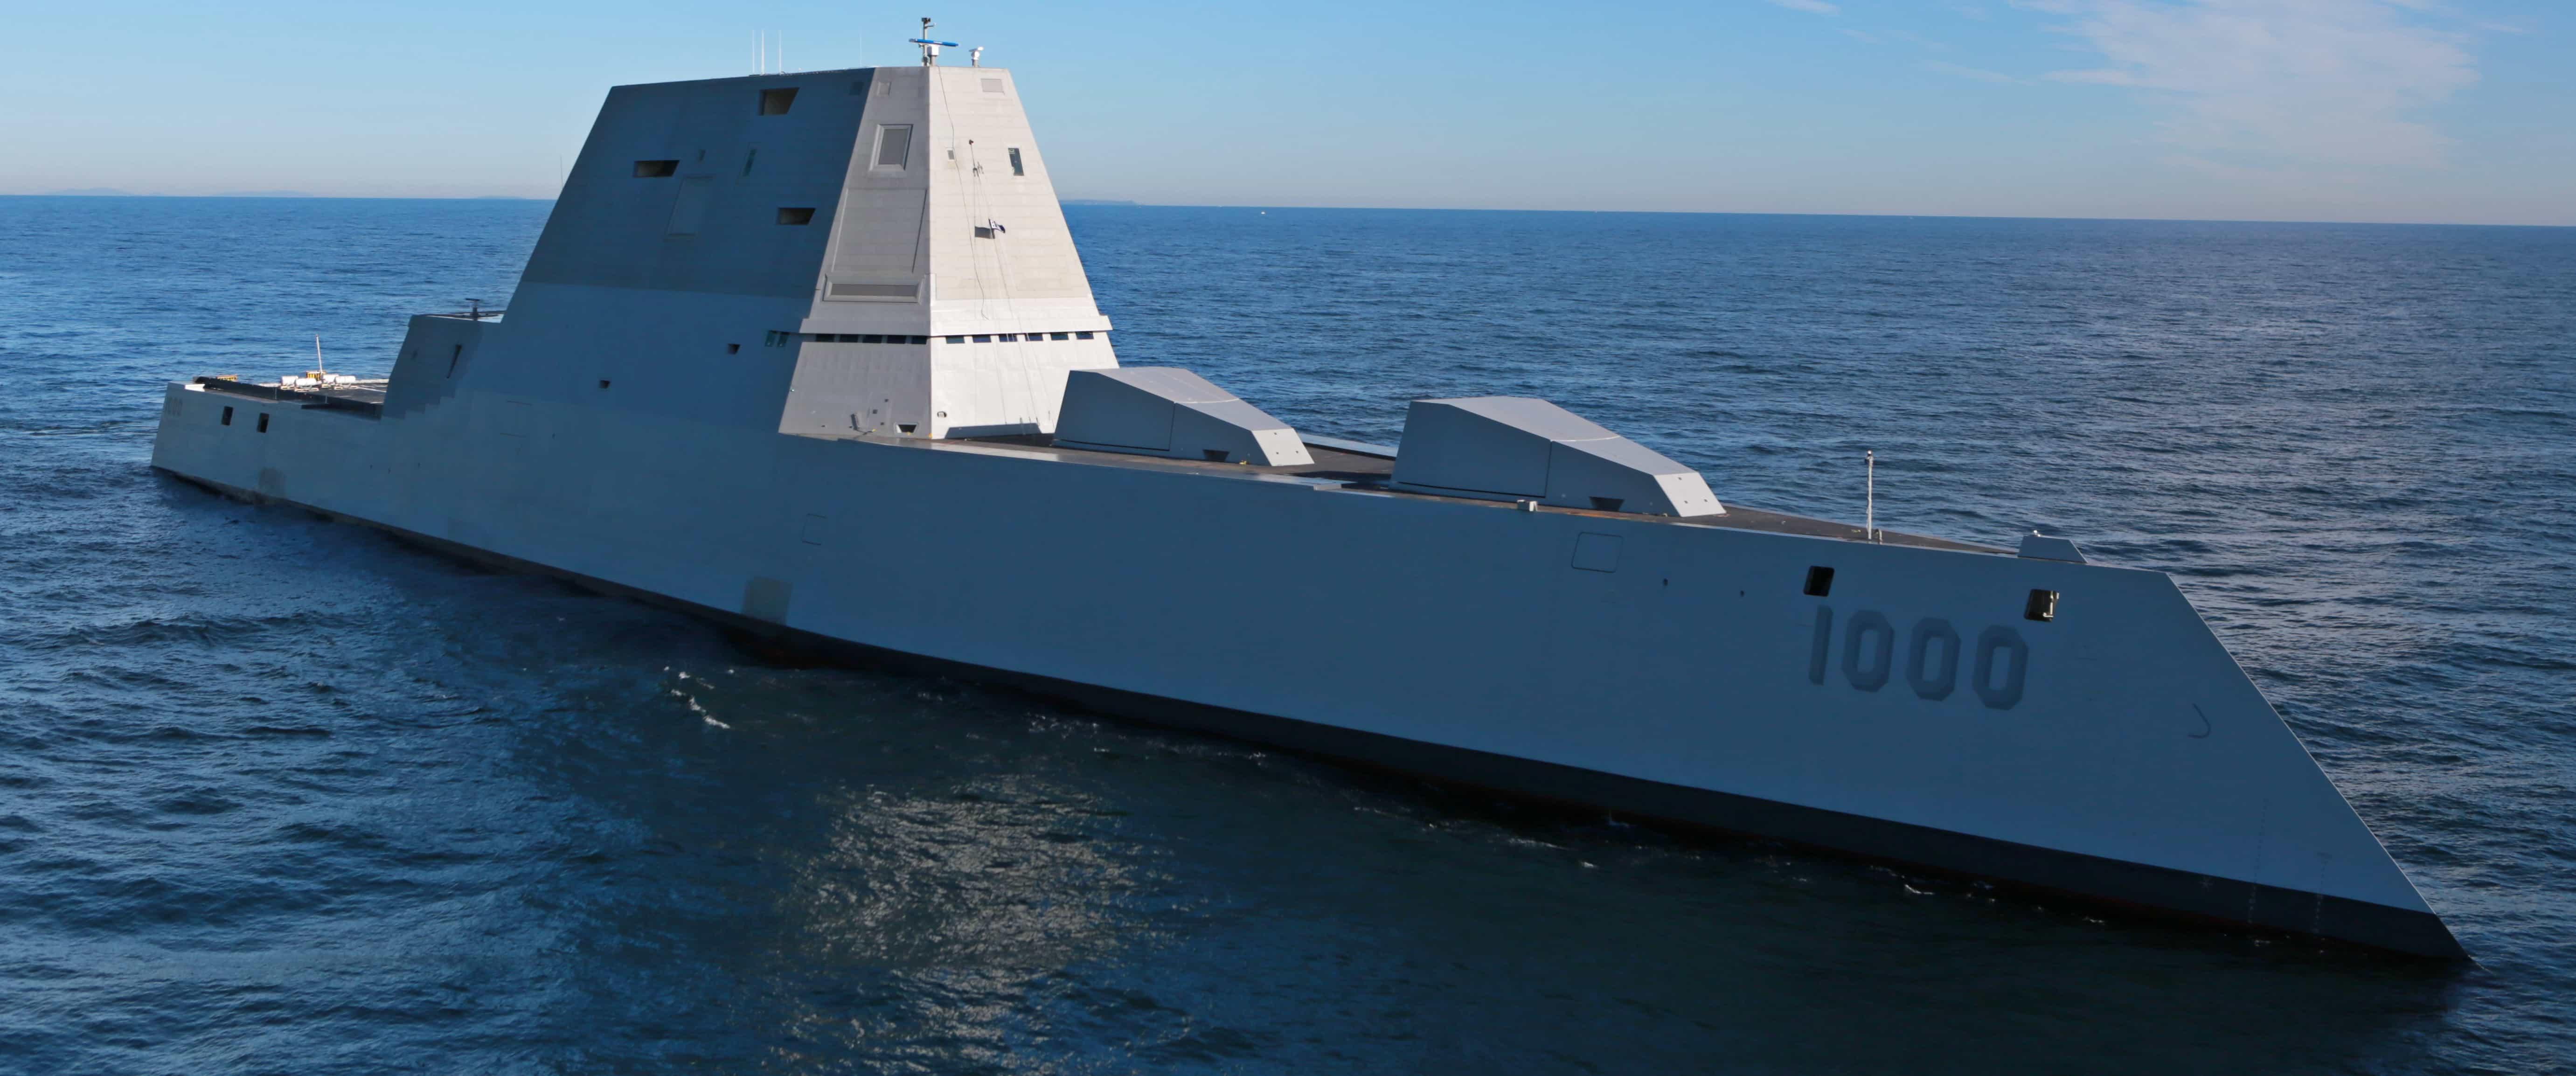 The USS Zumwalt in December 2015. Photo: US Navy.